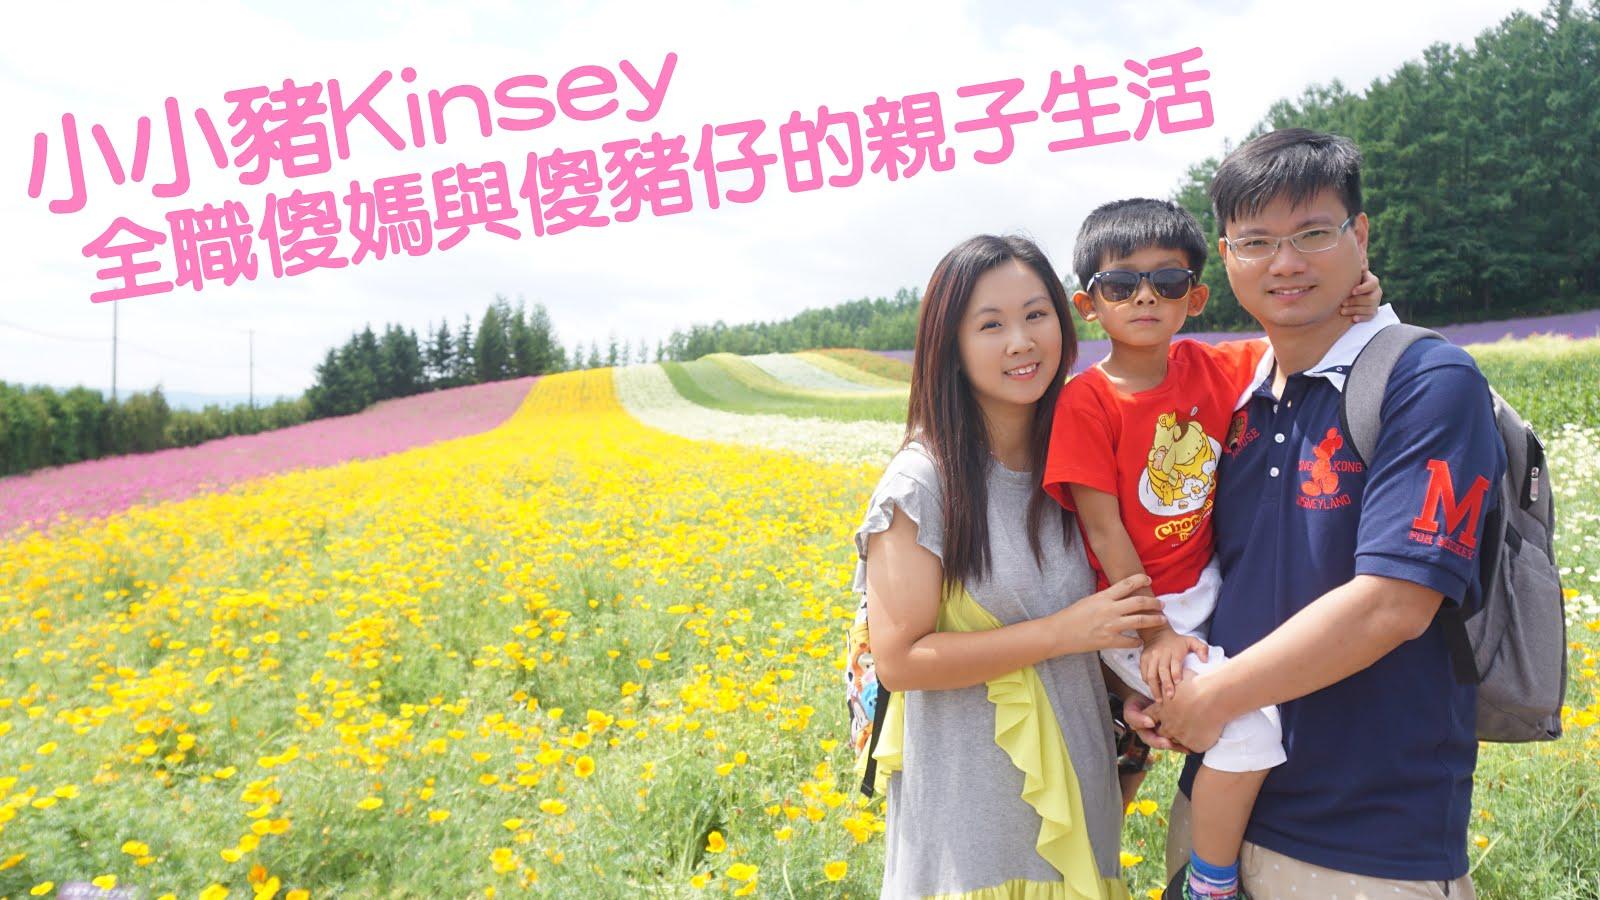 小小豬Kinsey - 全職傻媽與傻豬仔的親子生活